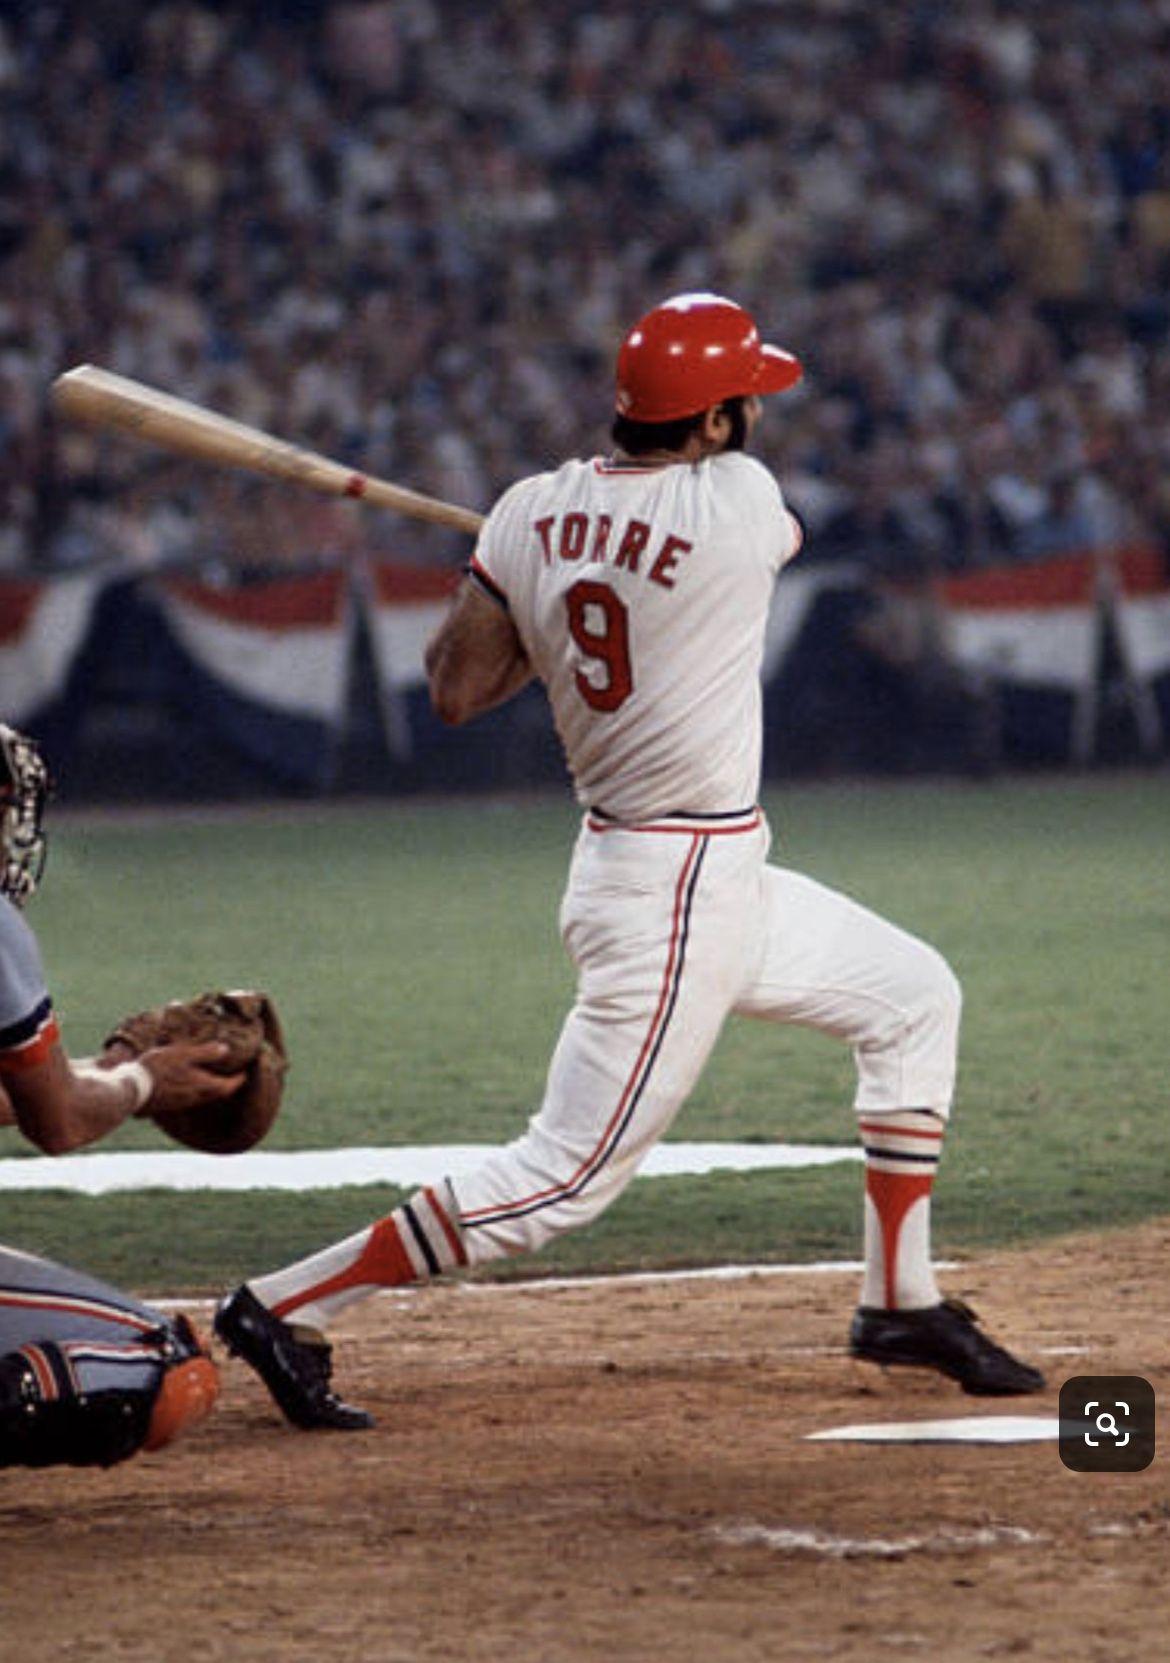 Joe Torre, 1972 All Star Game, Atlanta. St louis